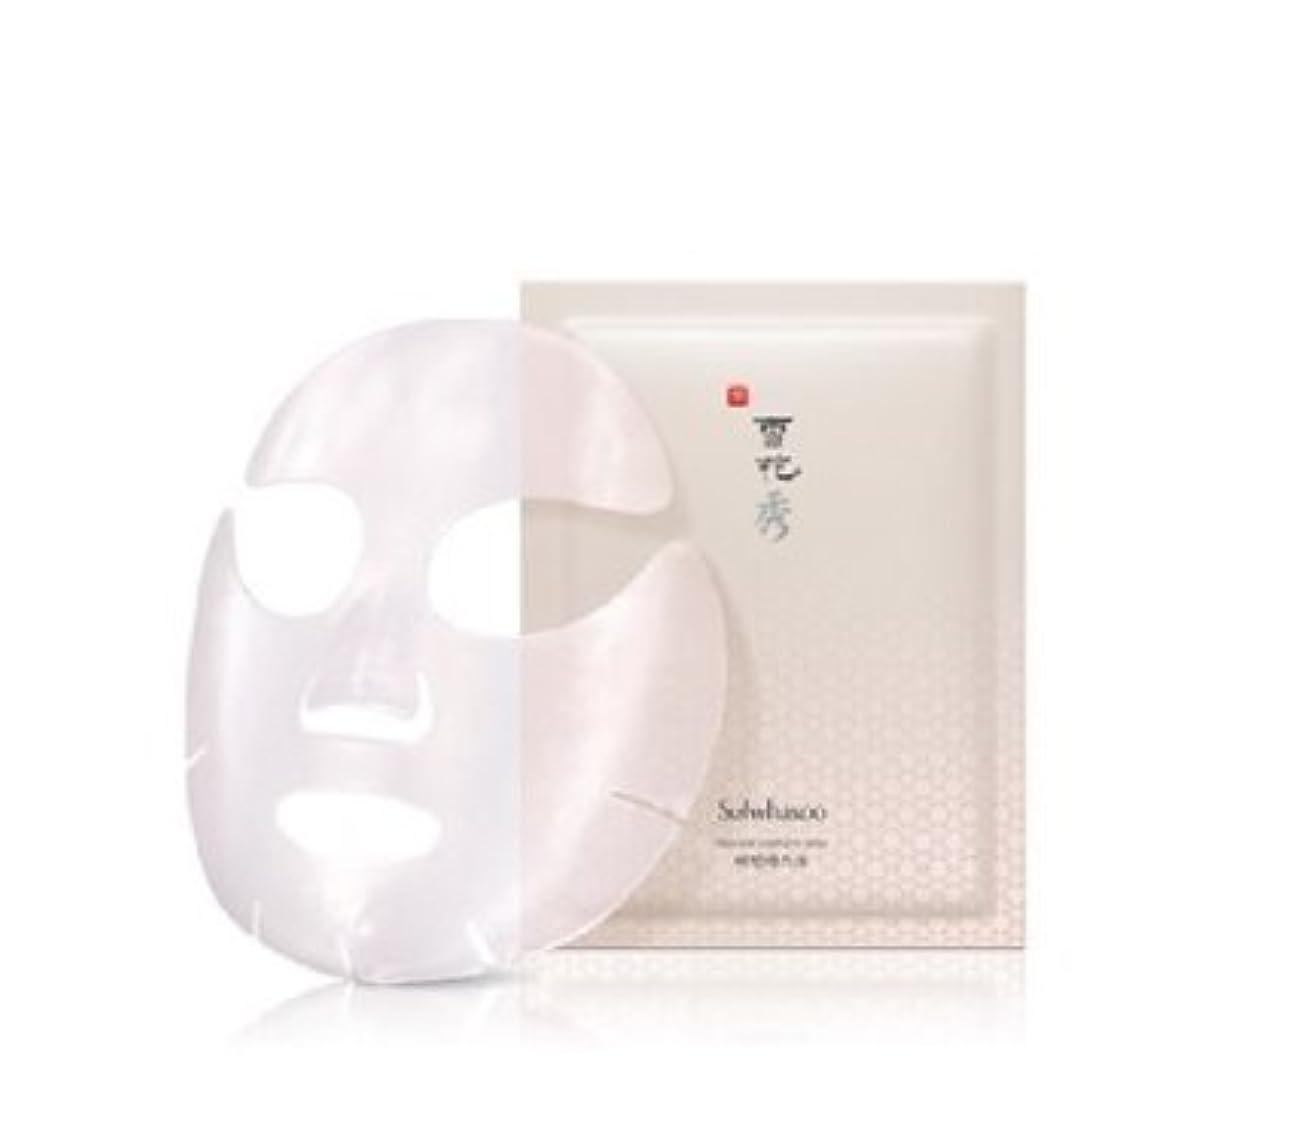 独立した受粉者振る[Sulwhasoo] Innerise Complete Mask (Yeo Min Mask) / 18g x 10 Sheets[並行輸入品]